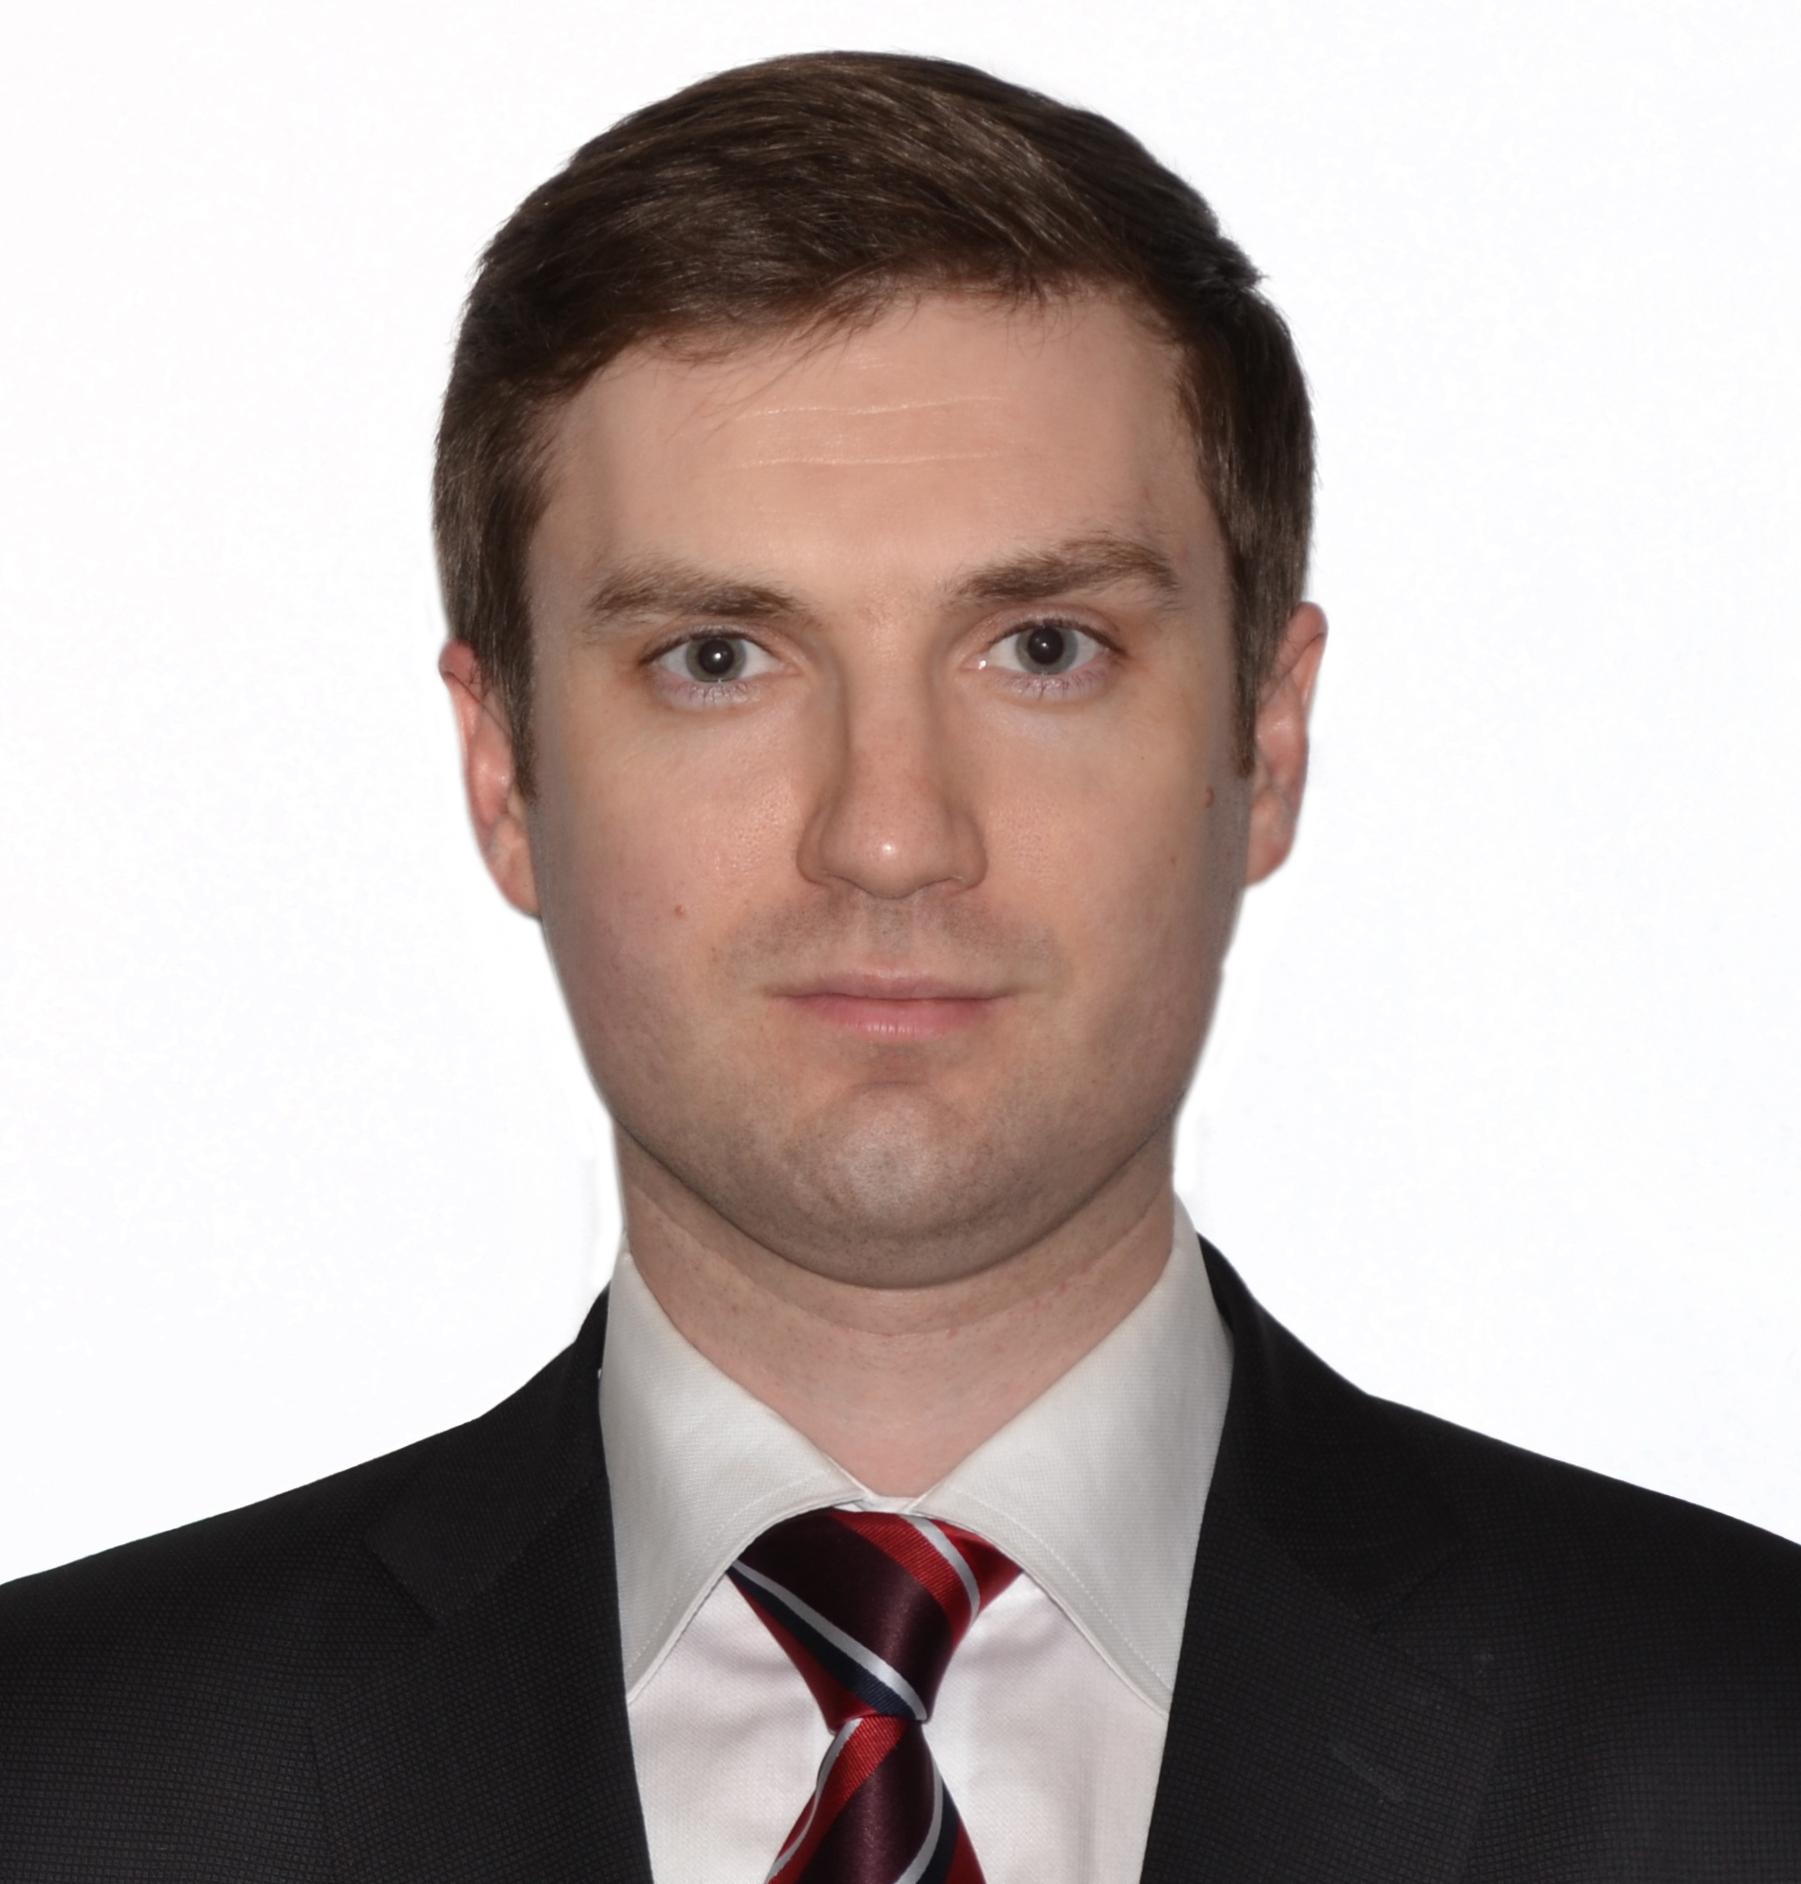 Галкин Андрей Игоревич